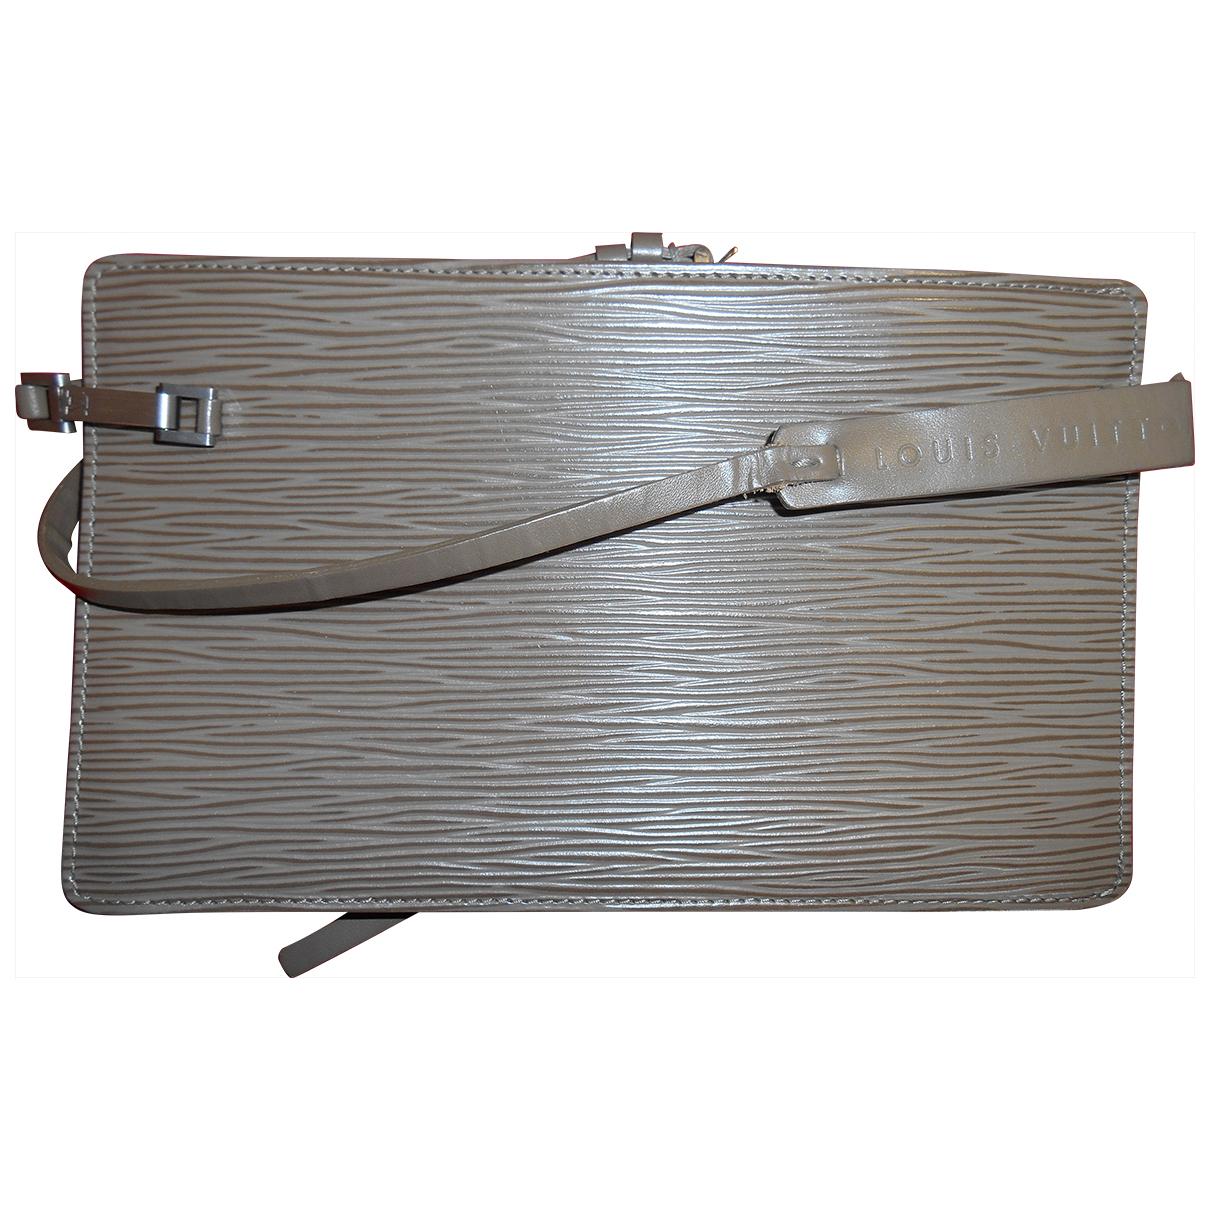 Louis Vuitton \N Khaki Leather Clutch bag for Women \N